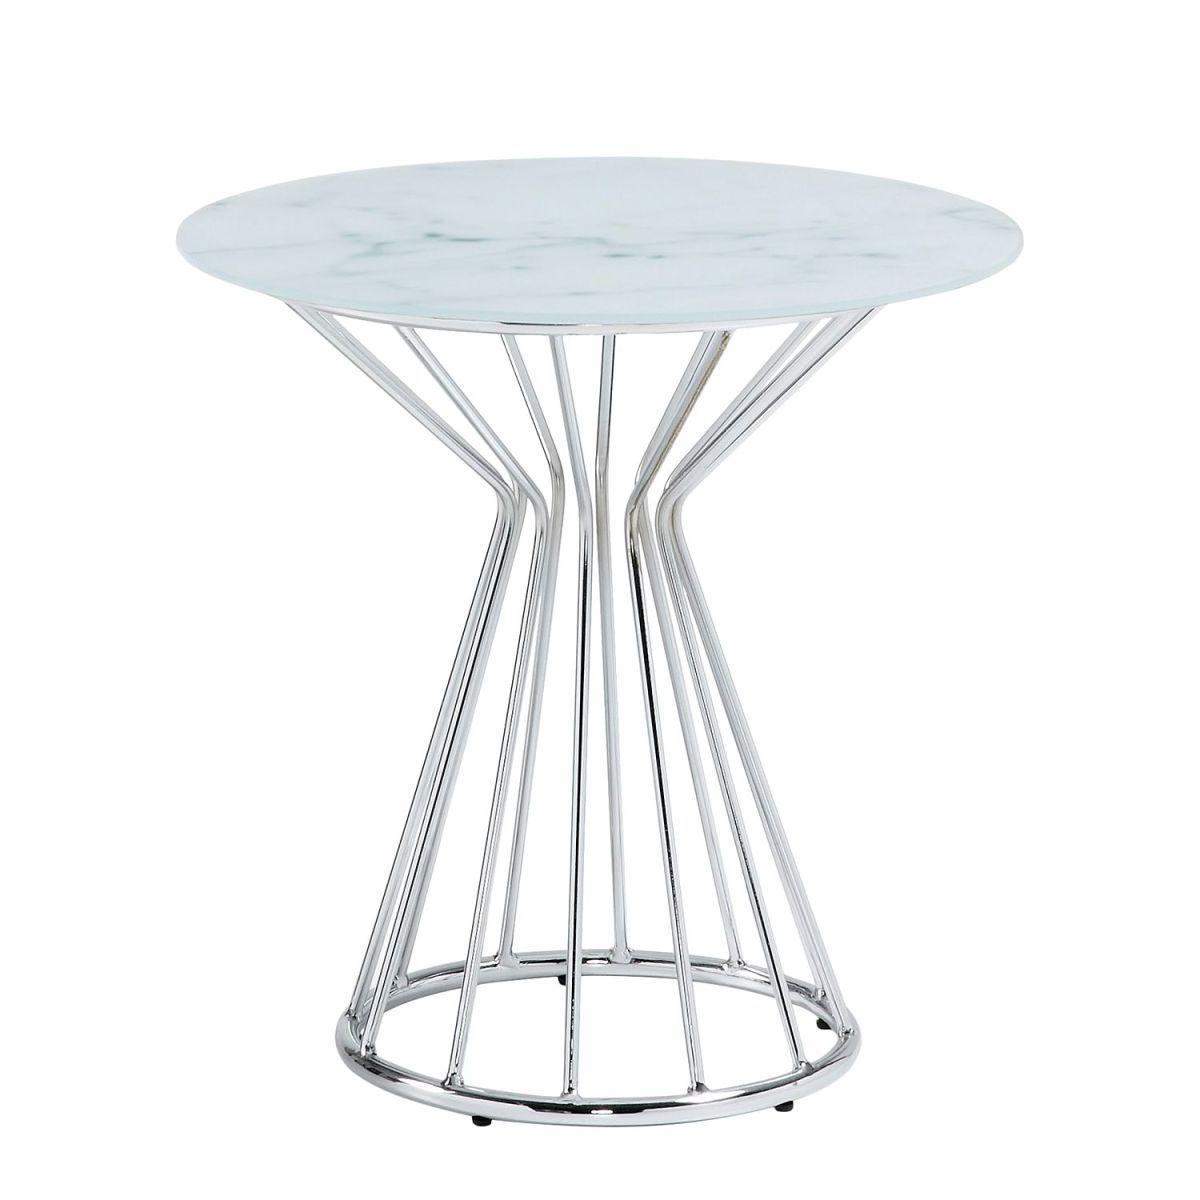 Beistelltisch Kayenta - Glas / Stahl - Marmor Dekor / Chrom ...